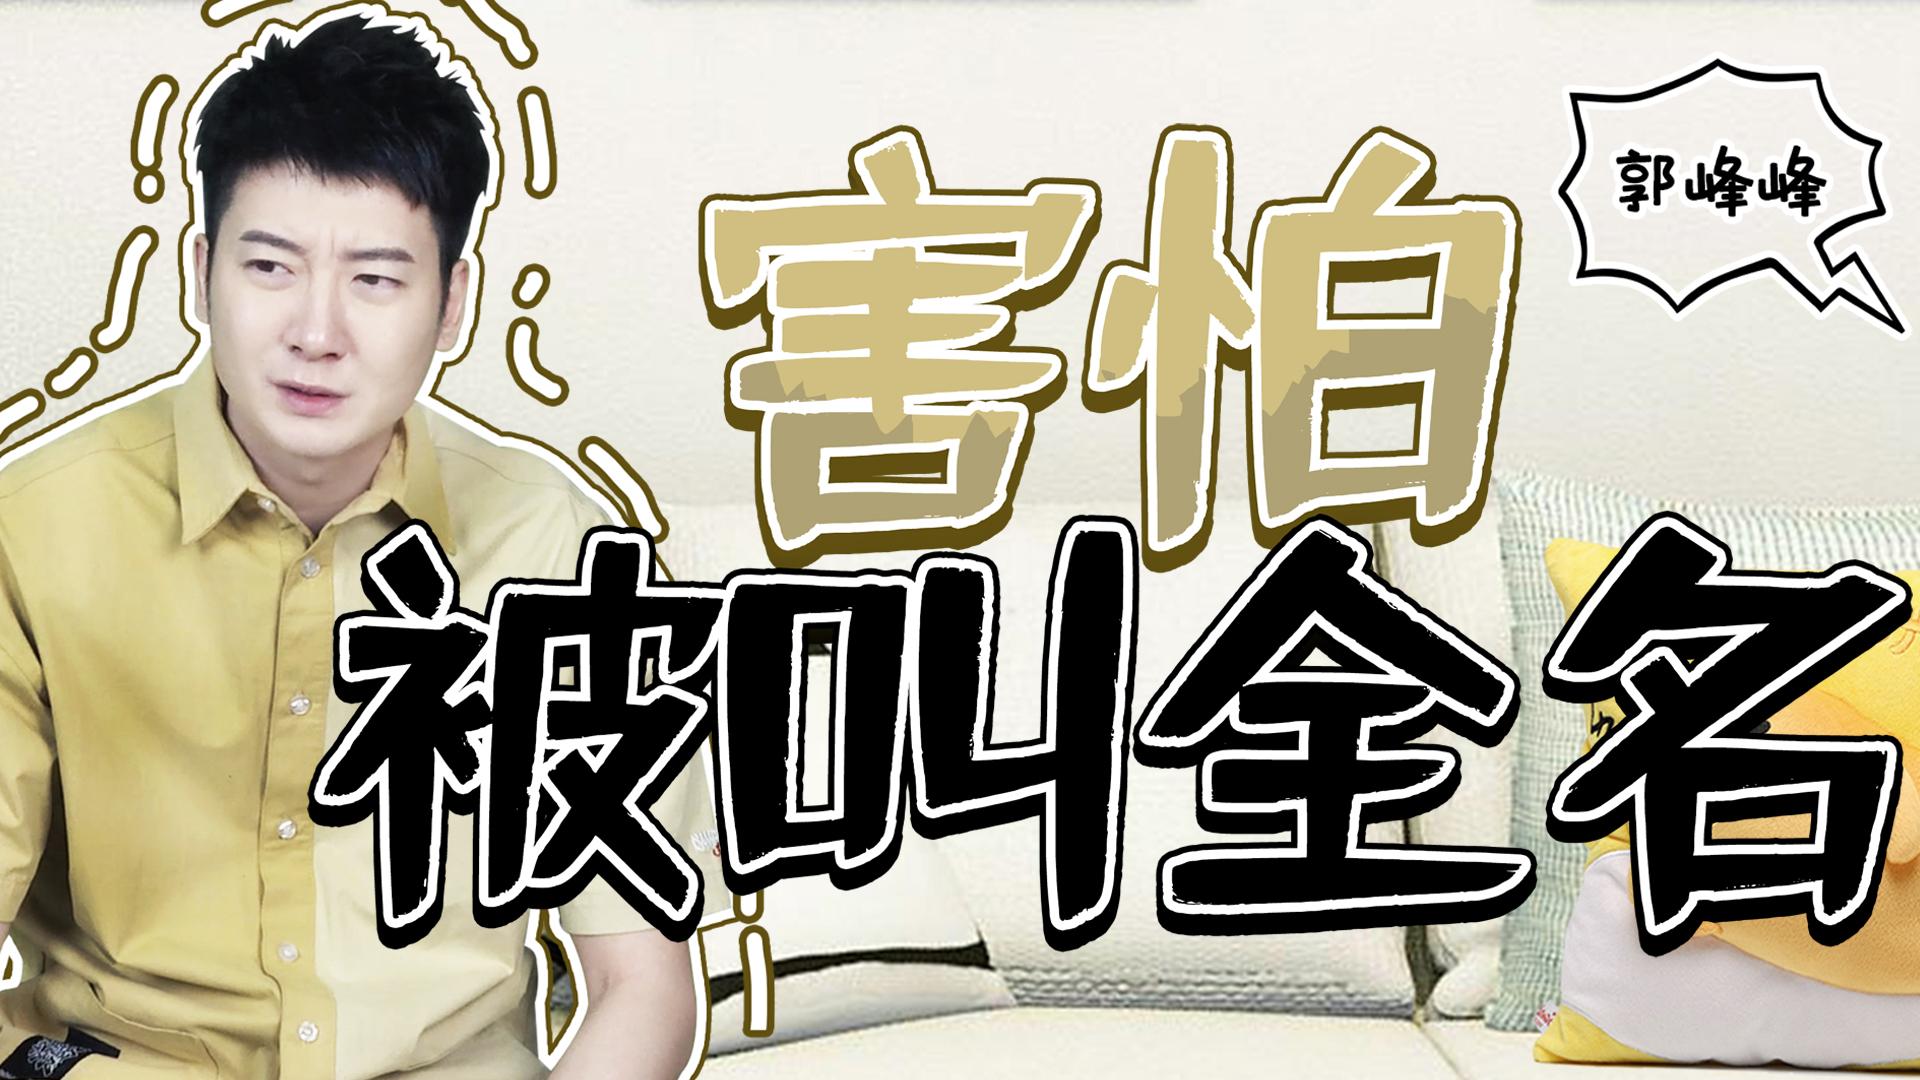 【粤知一二】广东人的社交礼仪:多喊靓仔,少叫全名!